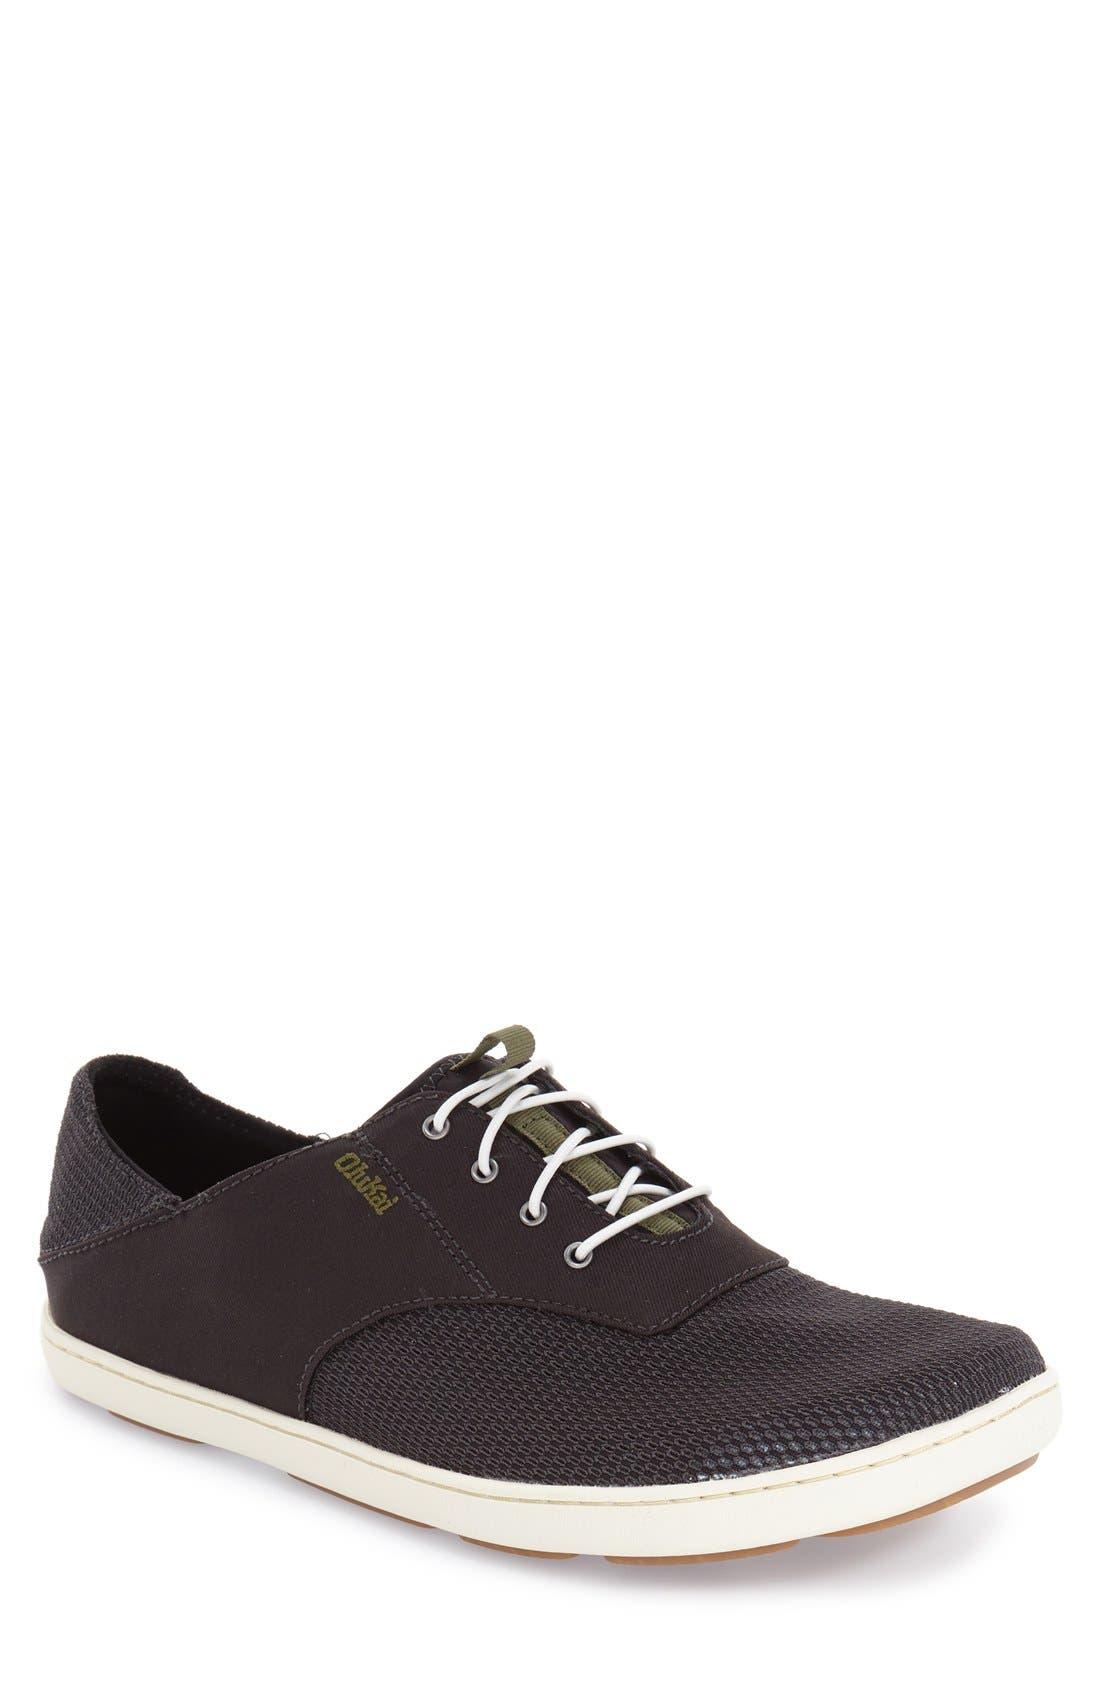 Nohea Moku Sneaker,                             Main thumbnail 1, color,                             BLACK/ BLACK